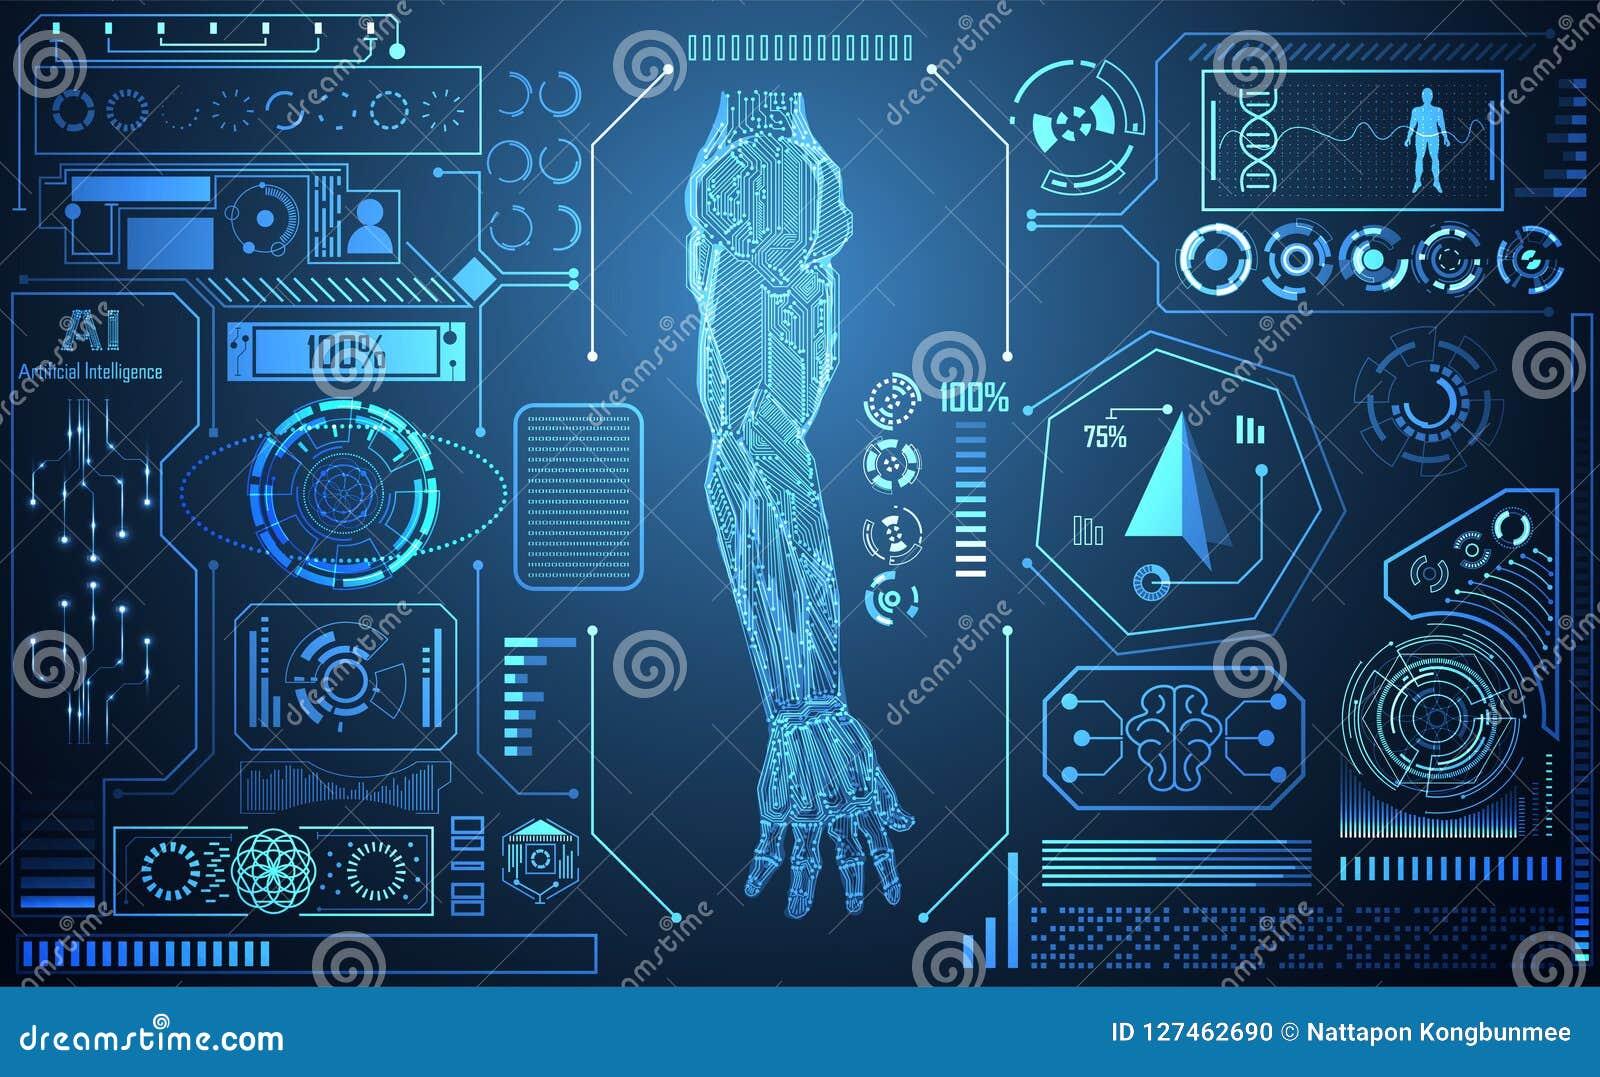 Digitales conce künstliche Intelligenz abstrakten Technologie AI-Armes